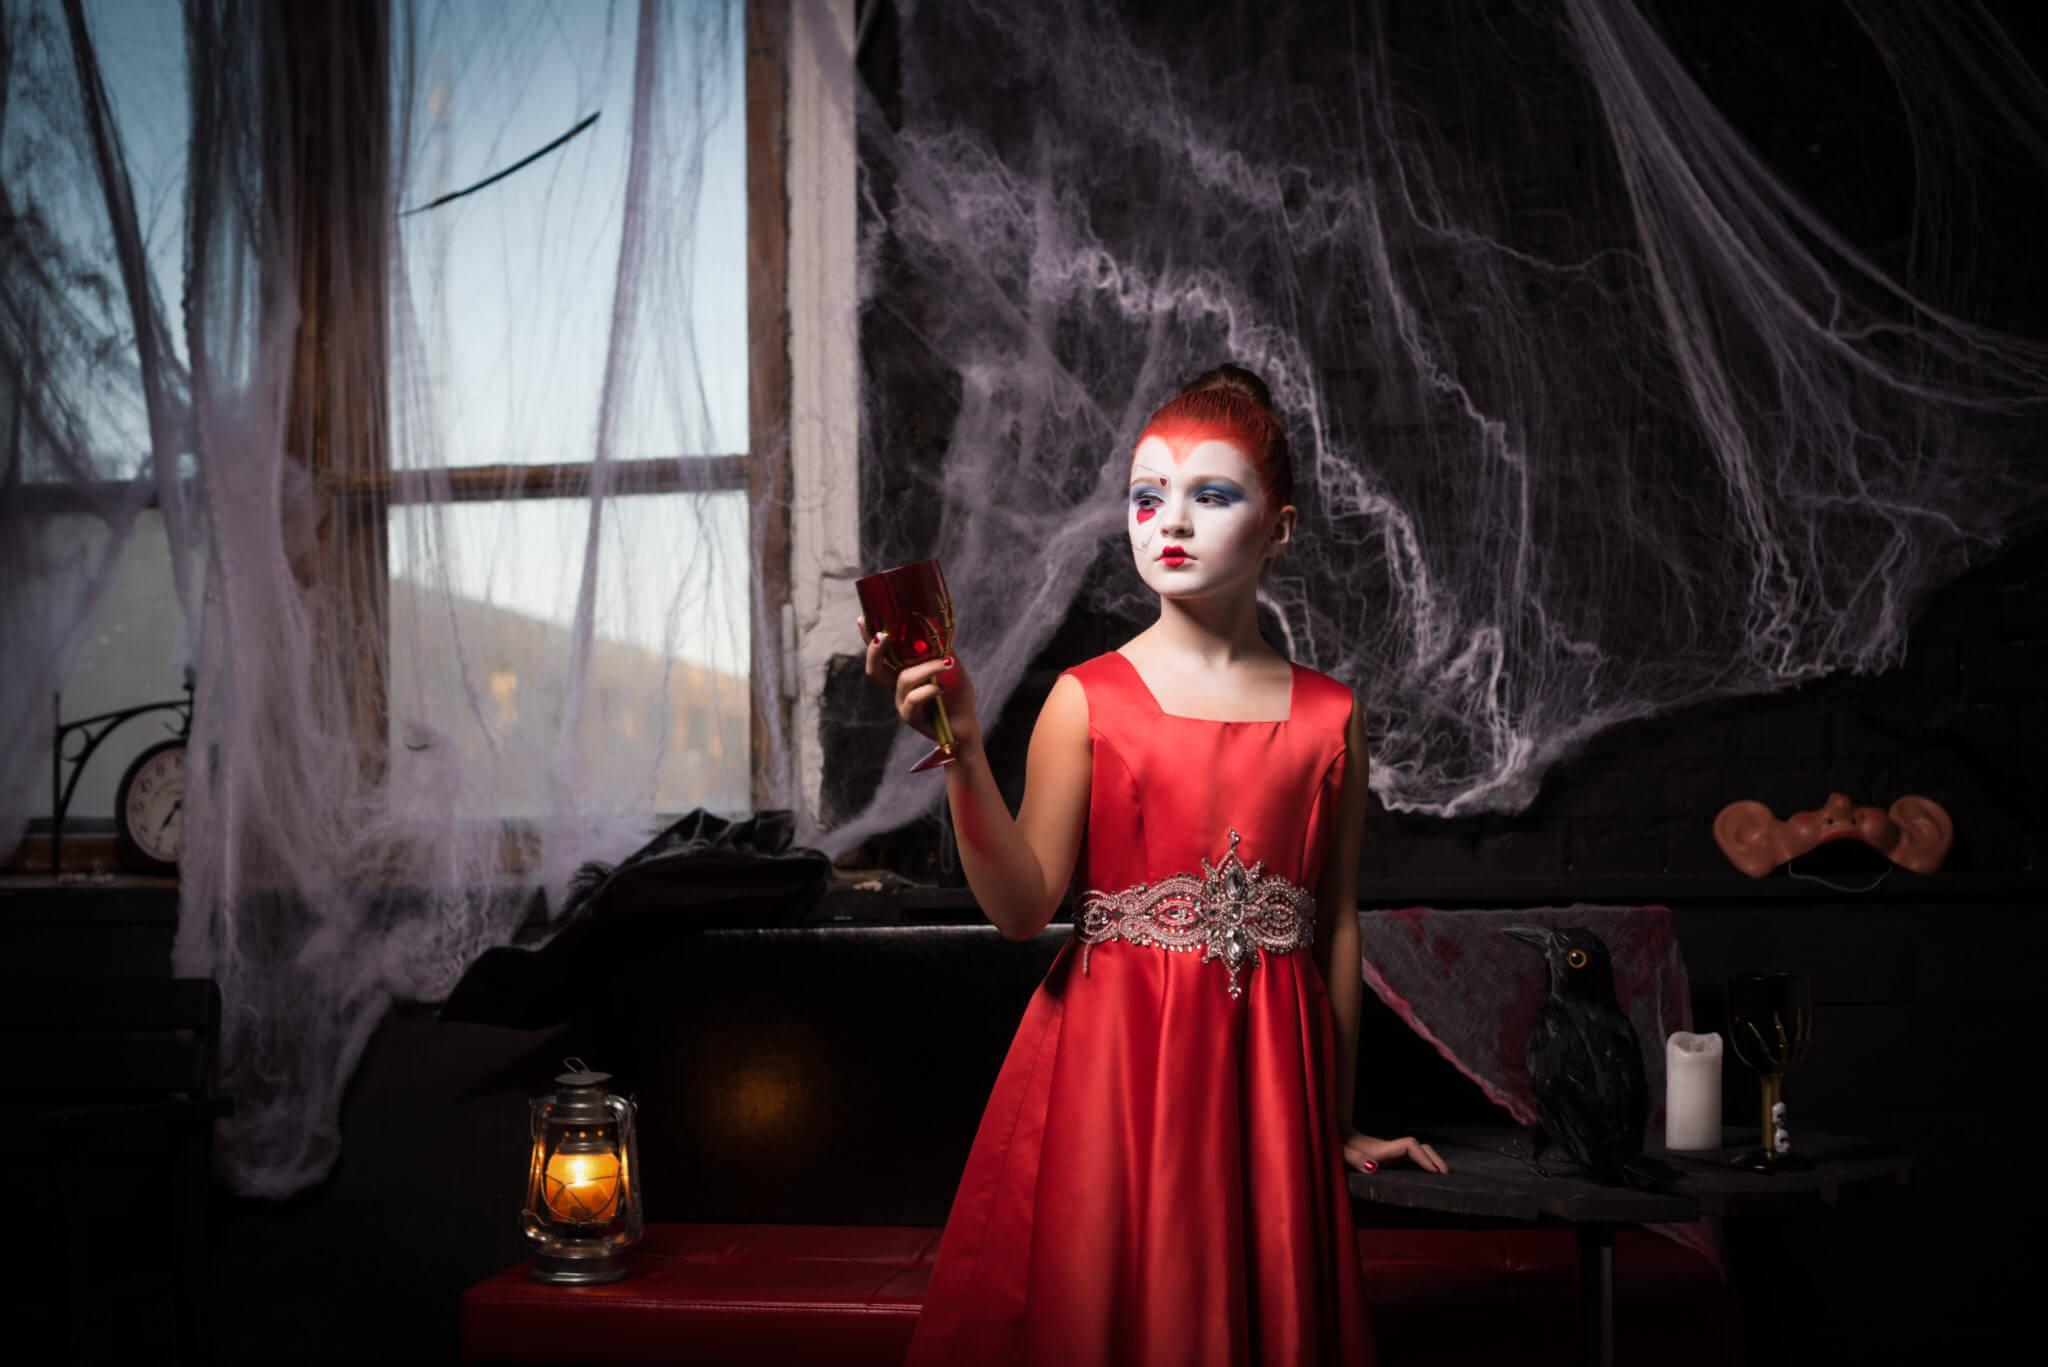 Фотосессия на Хэллоуин, ph Постникова Алиса, девочка в красном платье с бокалом в руке на фоне черной стены и паутины